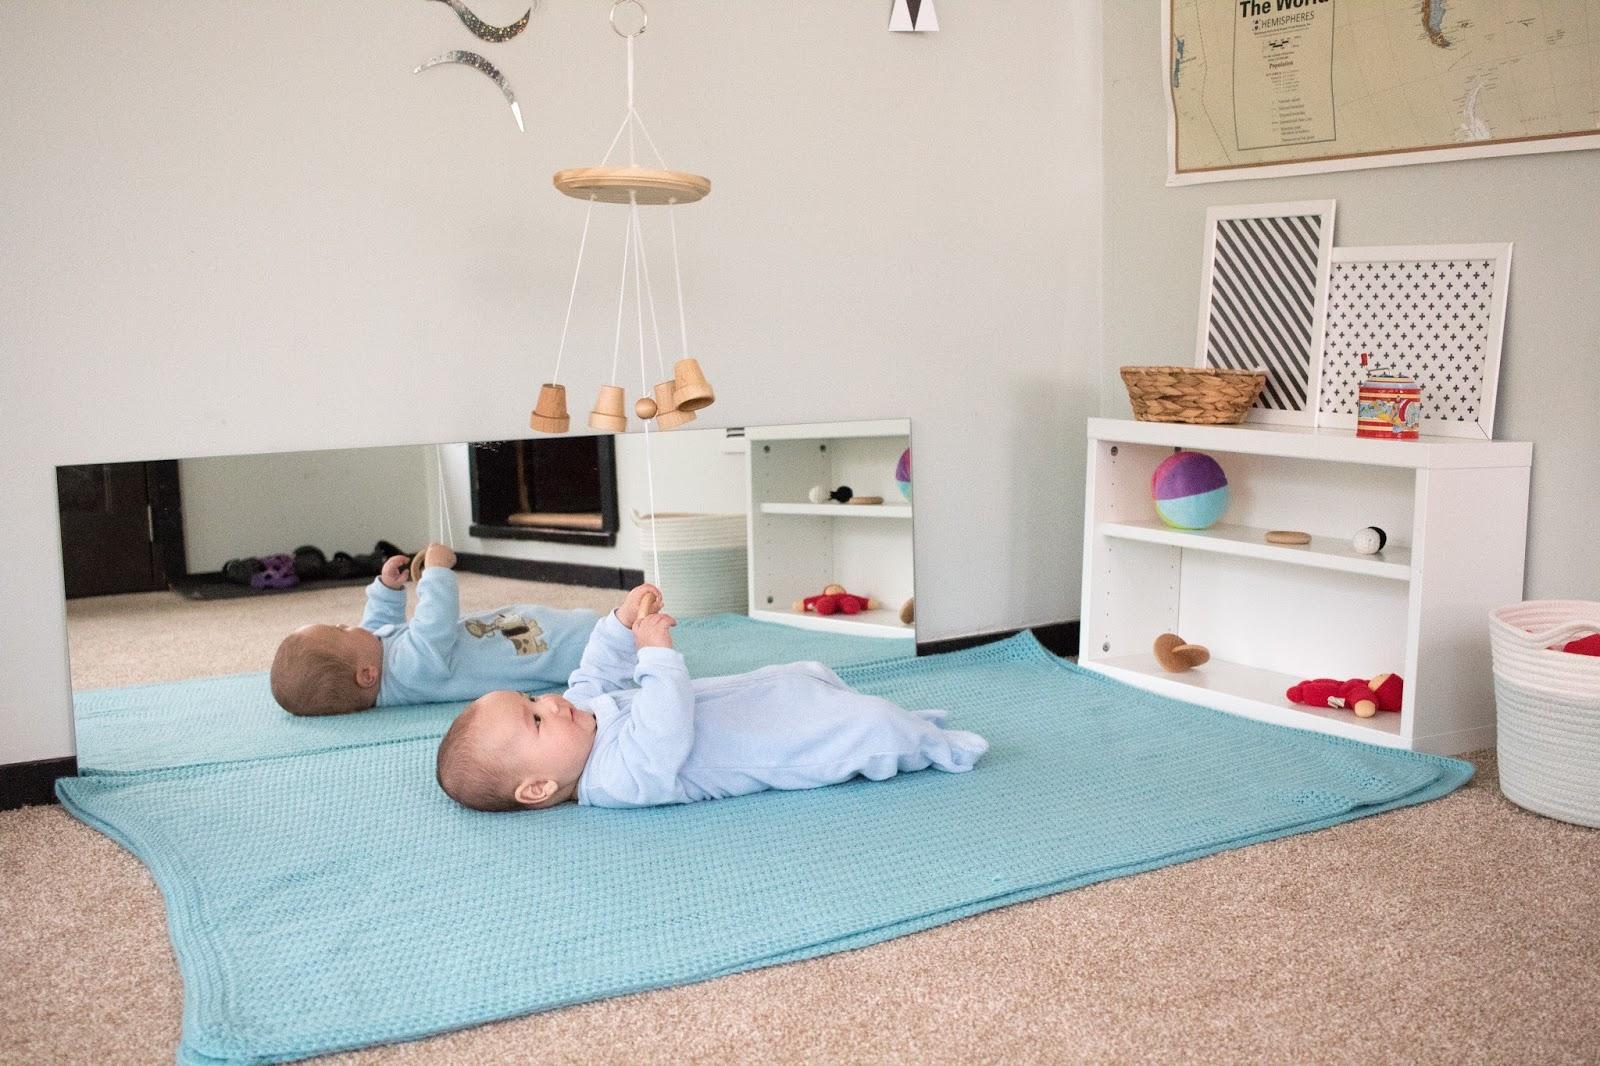 montessori bedroom - habitacion infantil - dormitorio montessori - mirror - espejo 2